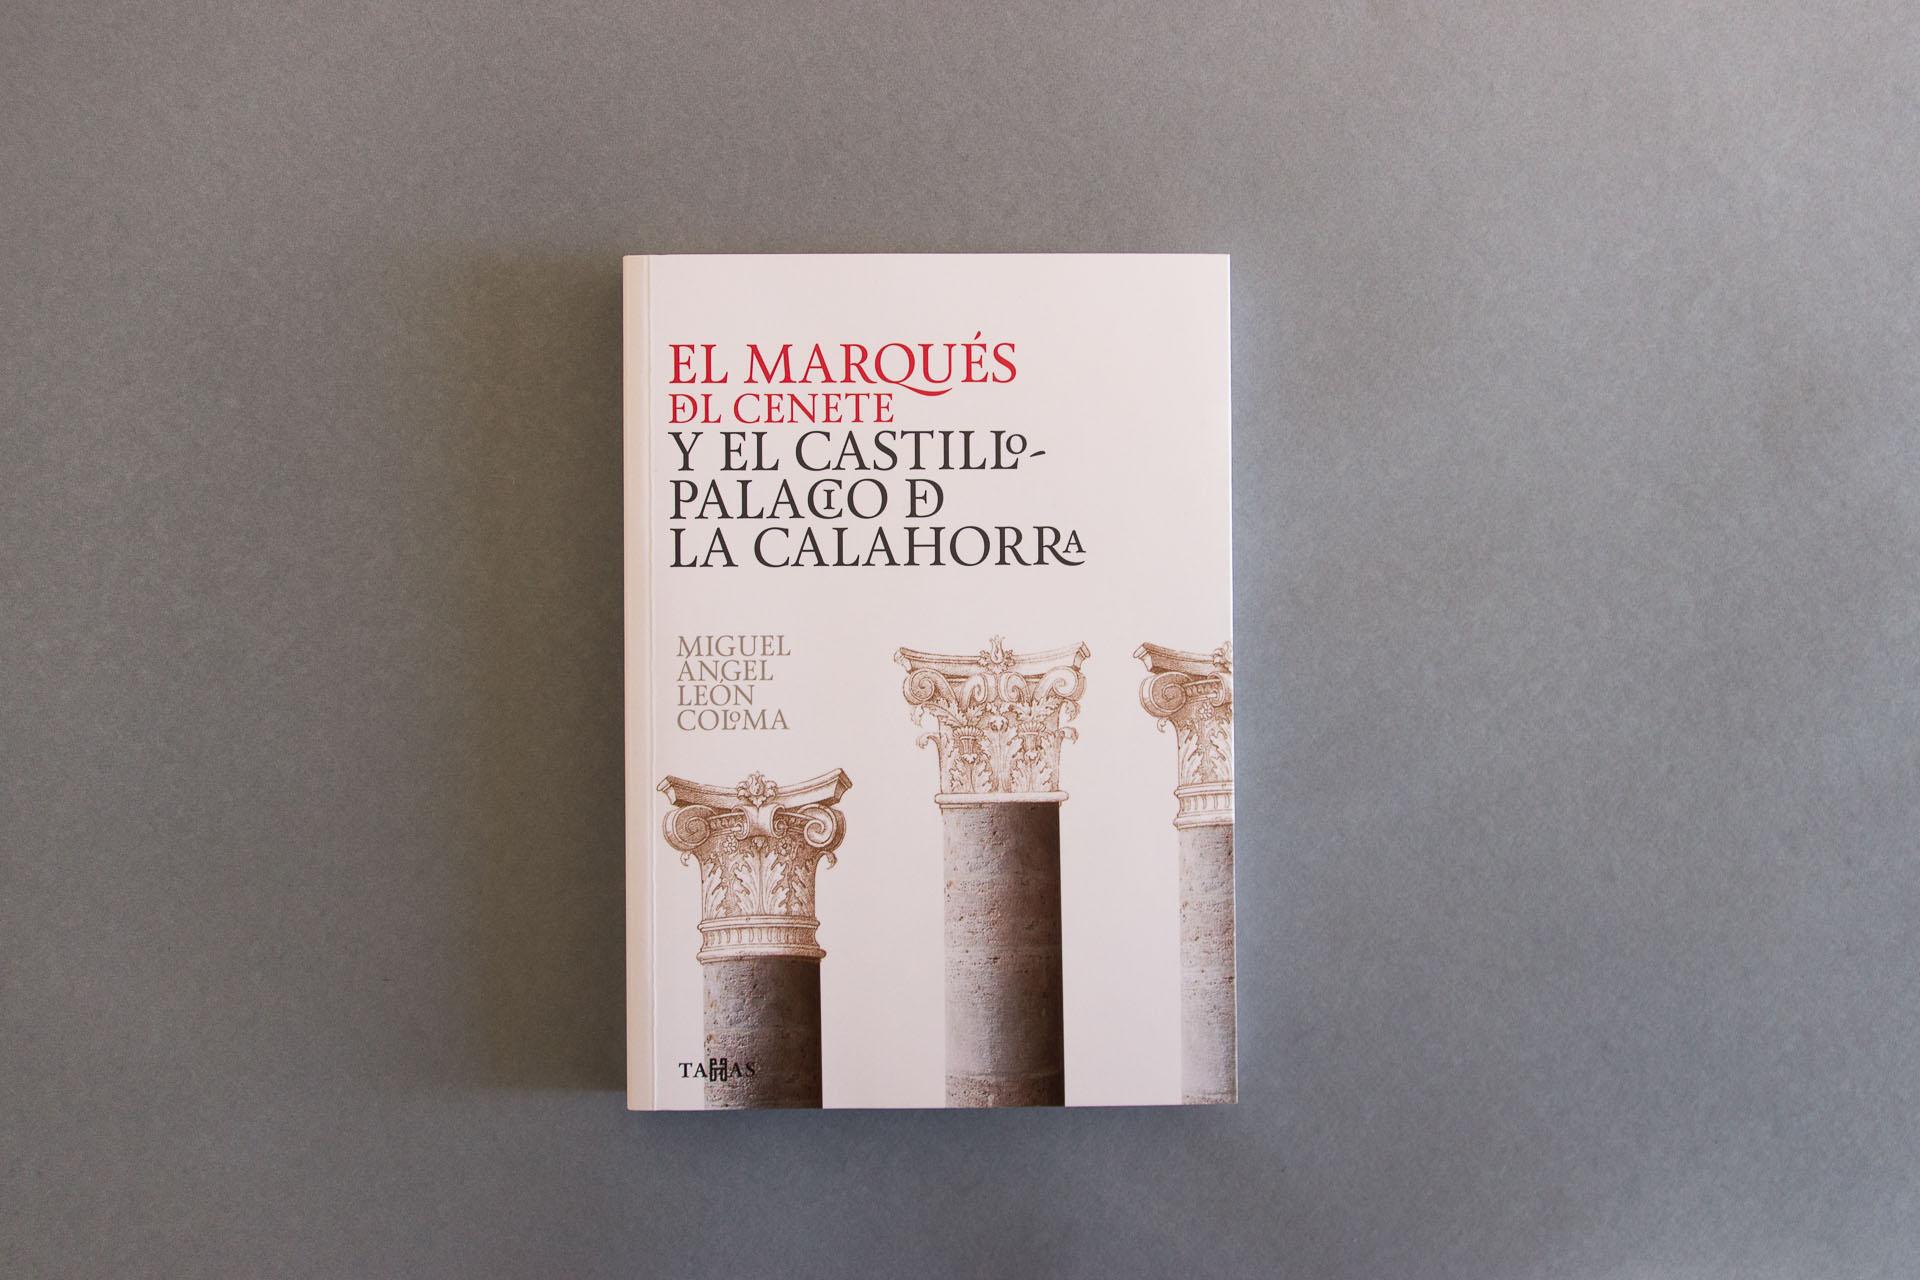 Diseño de cubierta del libro del Marqués de Cenete